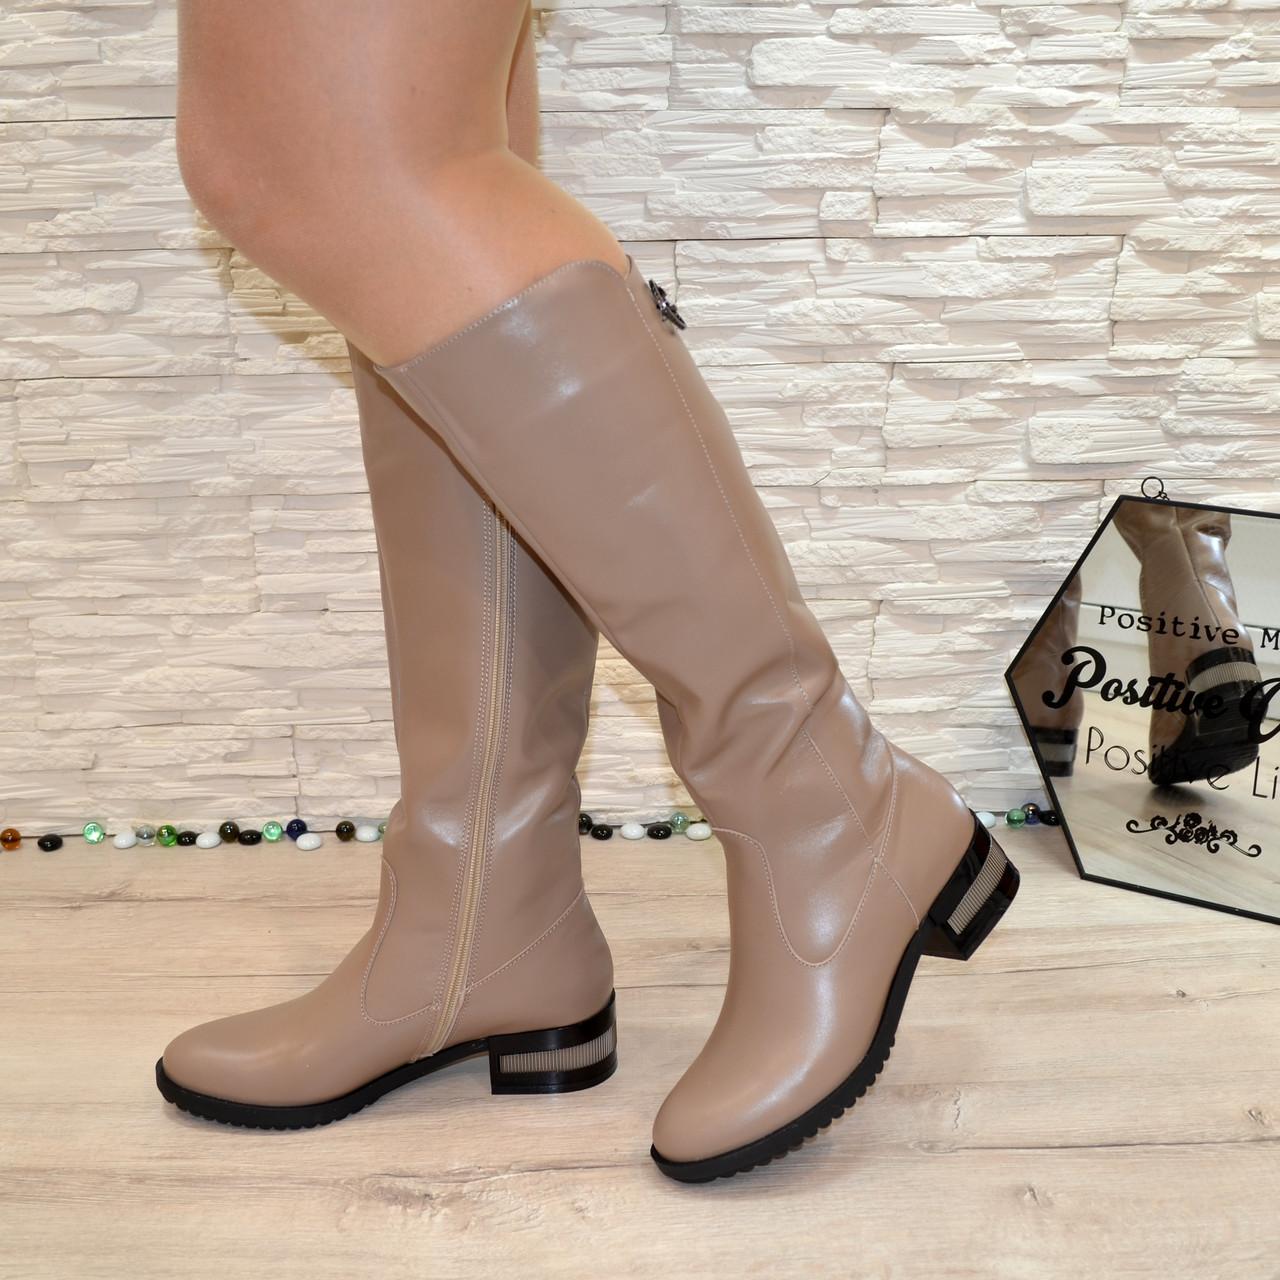 Сапоги женские кожаные на невысоком каблуке, цвет визон. Батал!